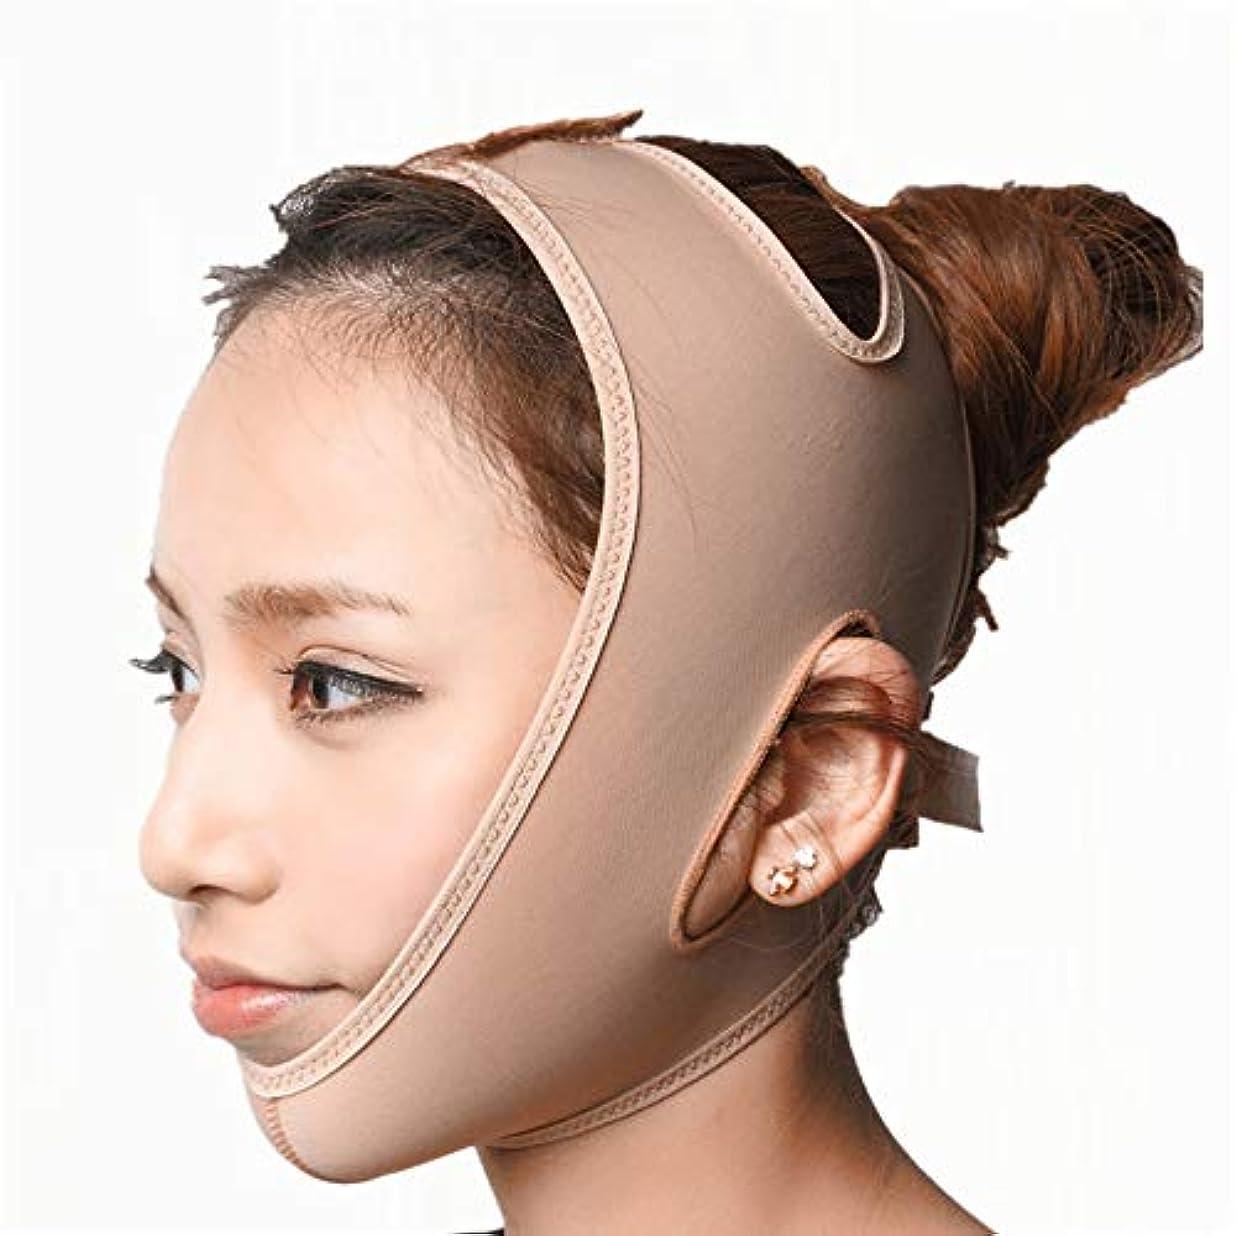 化学薬品好奇心制約薄い顔のベルト - 薄い顔のアーチファクトVの顔の包帯マスクの顔のマッサージャー薄いダブルの顎のデバイス